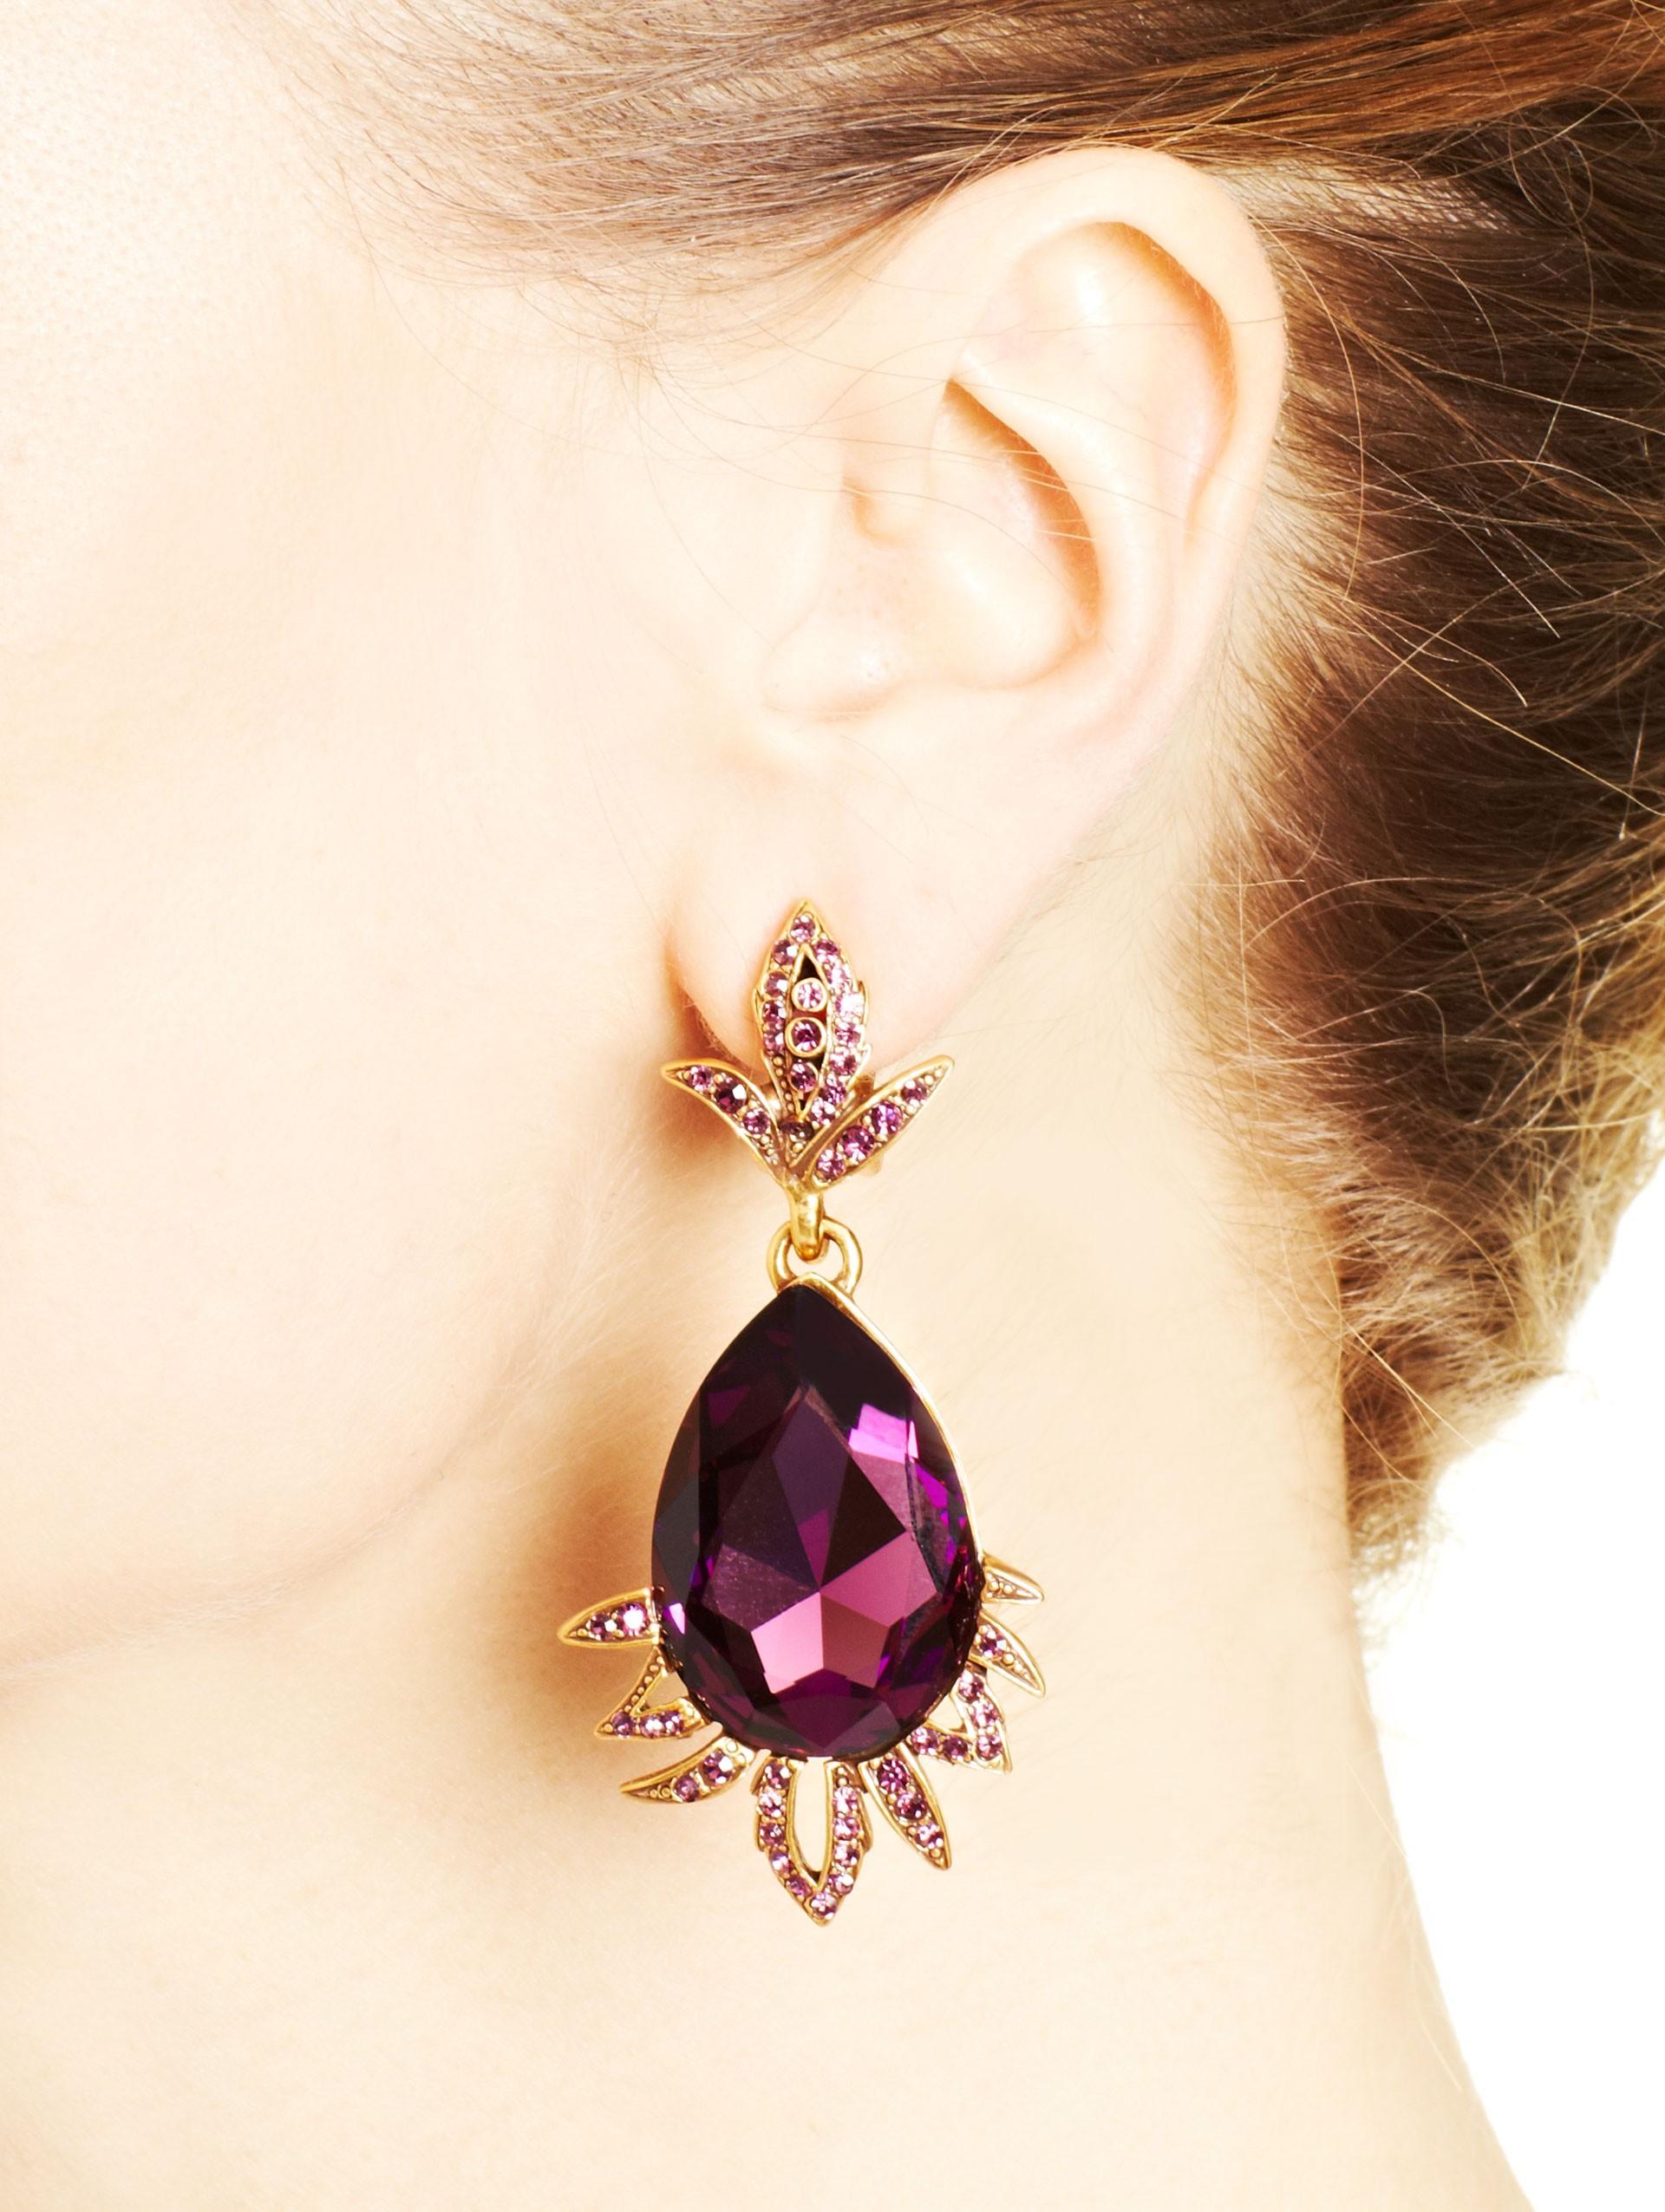 Crystal embellished earrings Oscar De La Renta zPWU4C